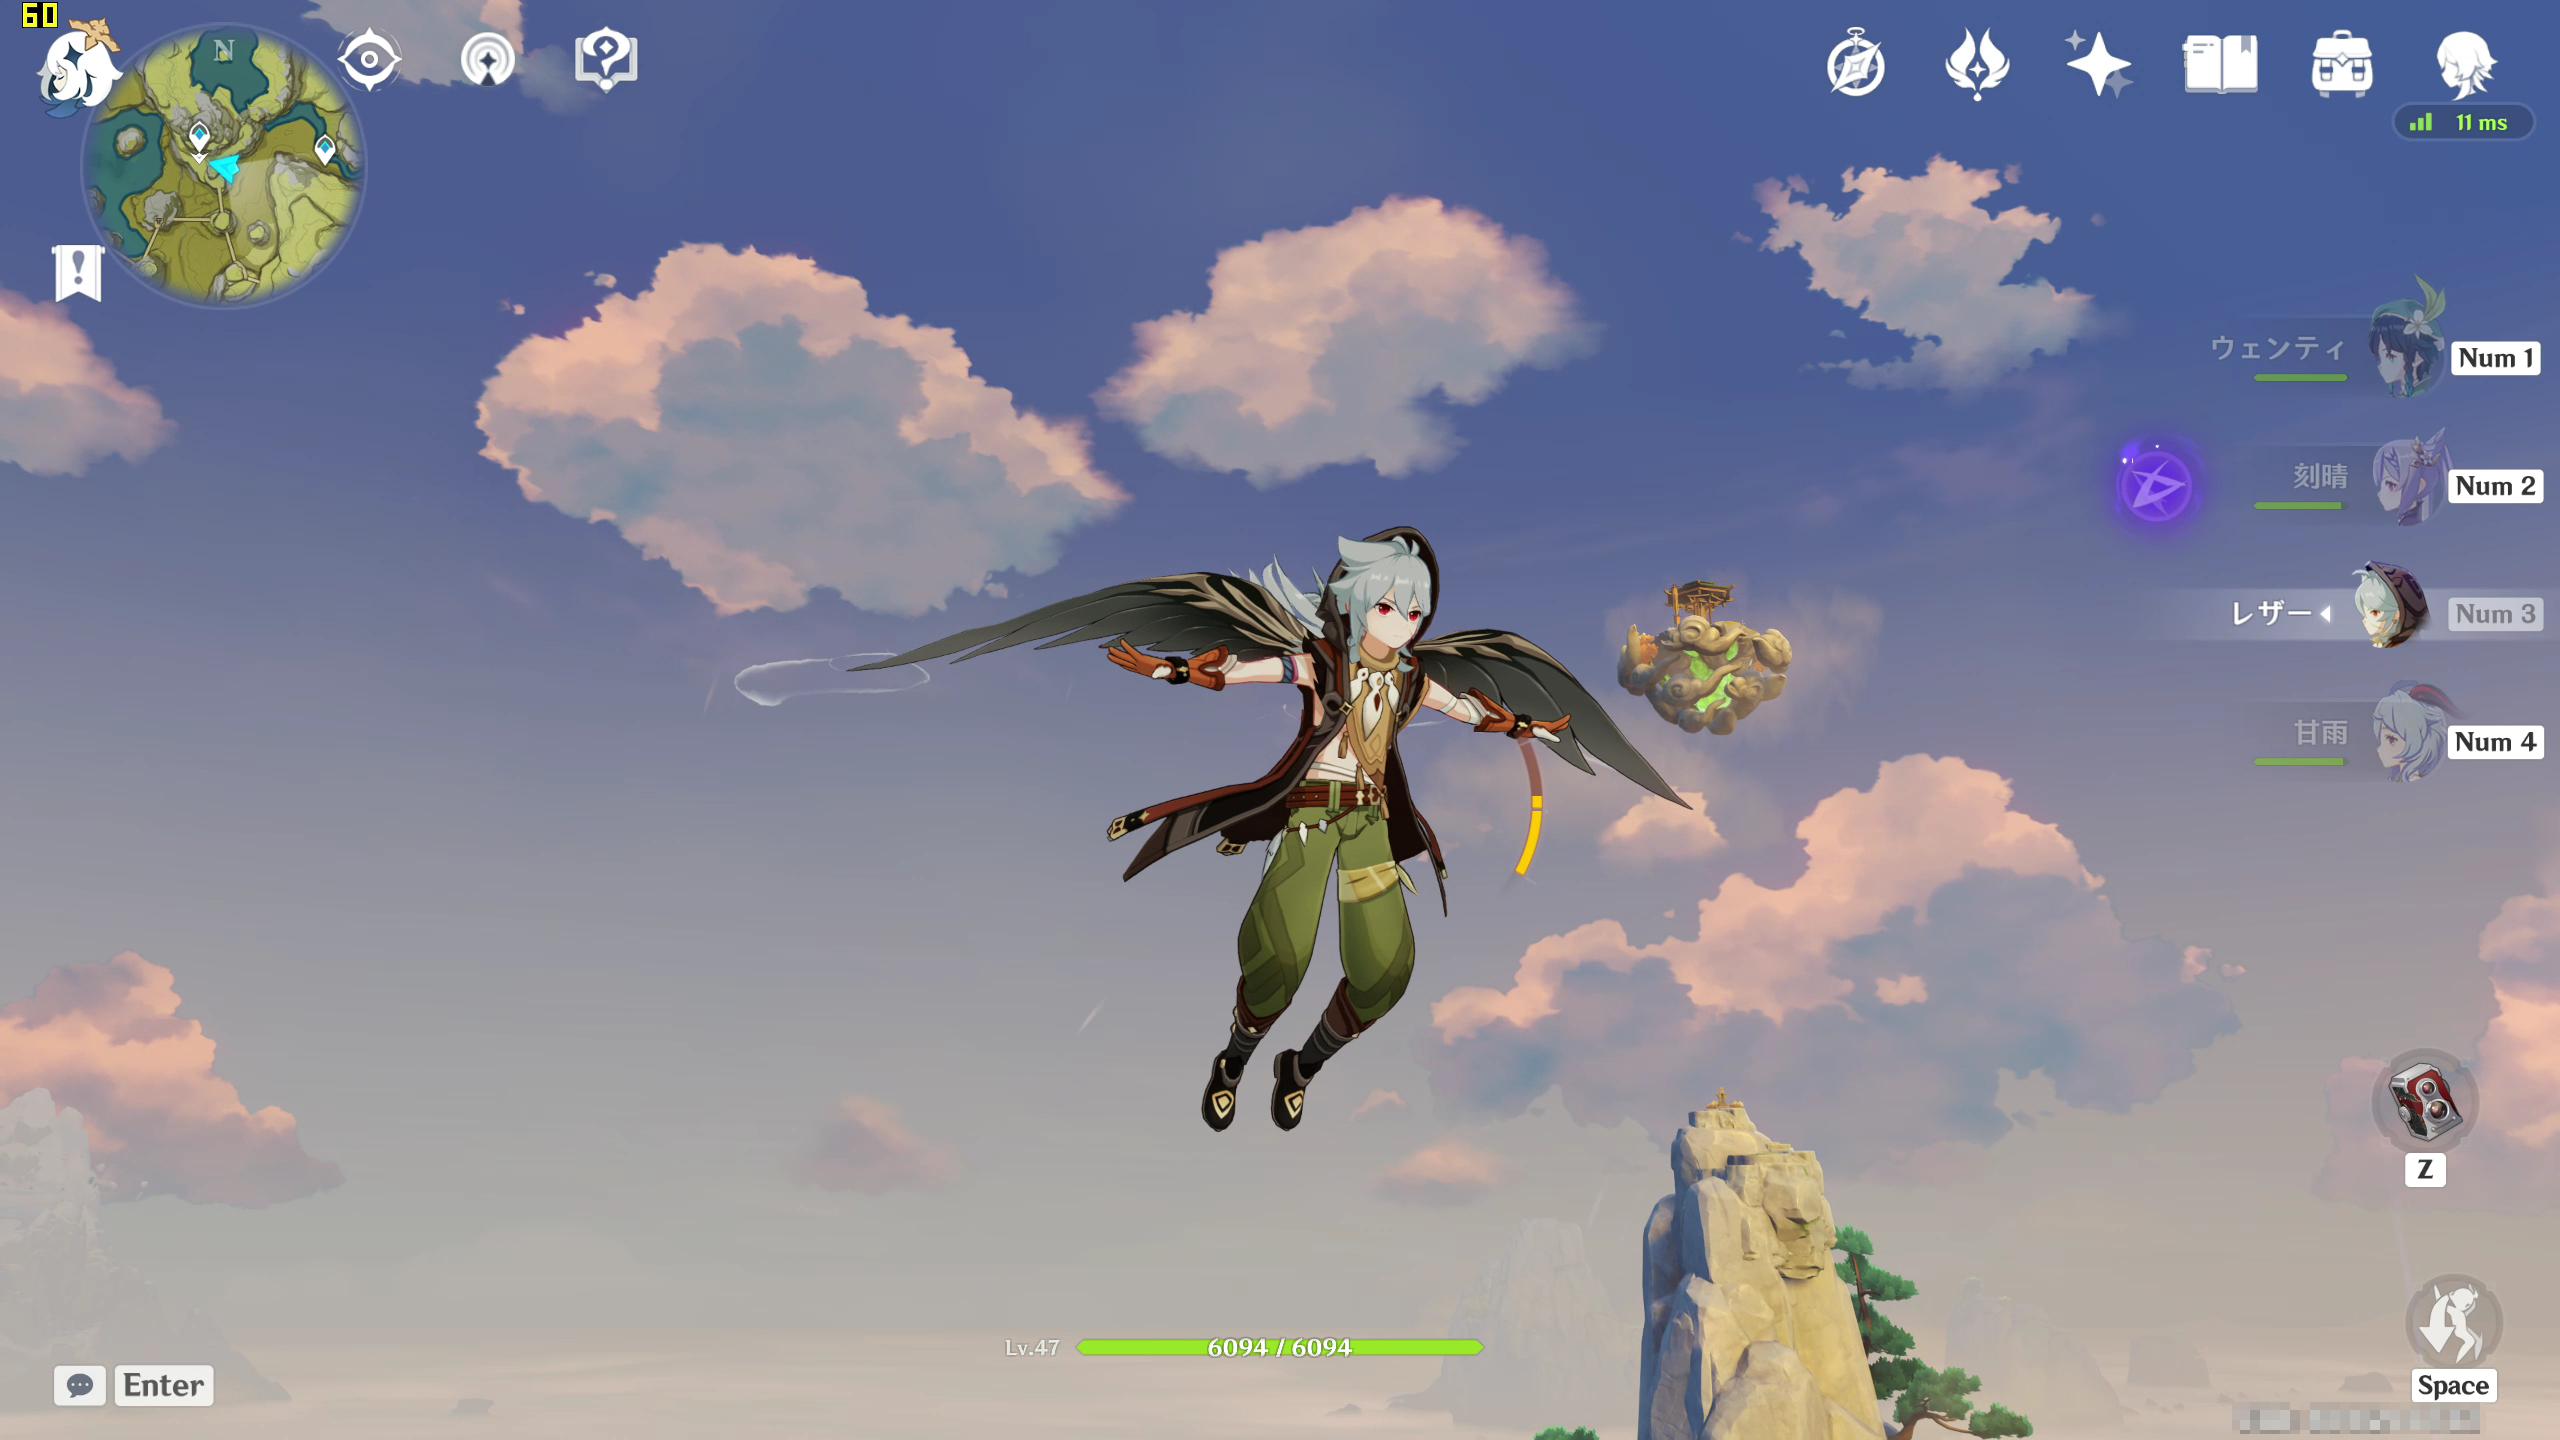 通常攻撃や飛行でも問題なくプレイできました。